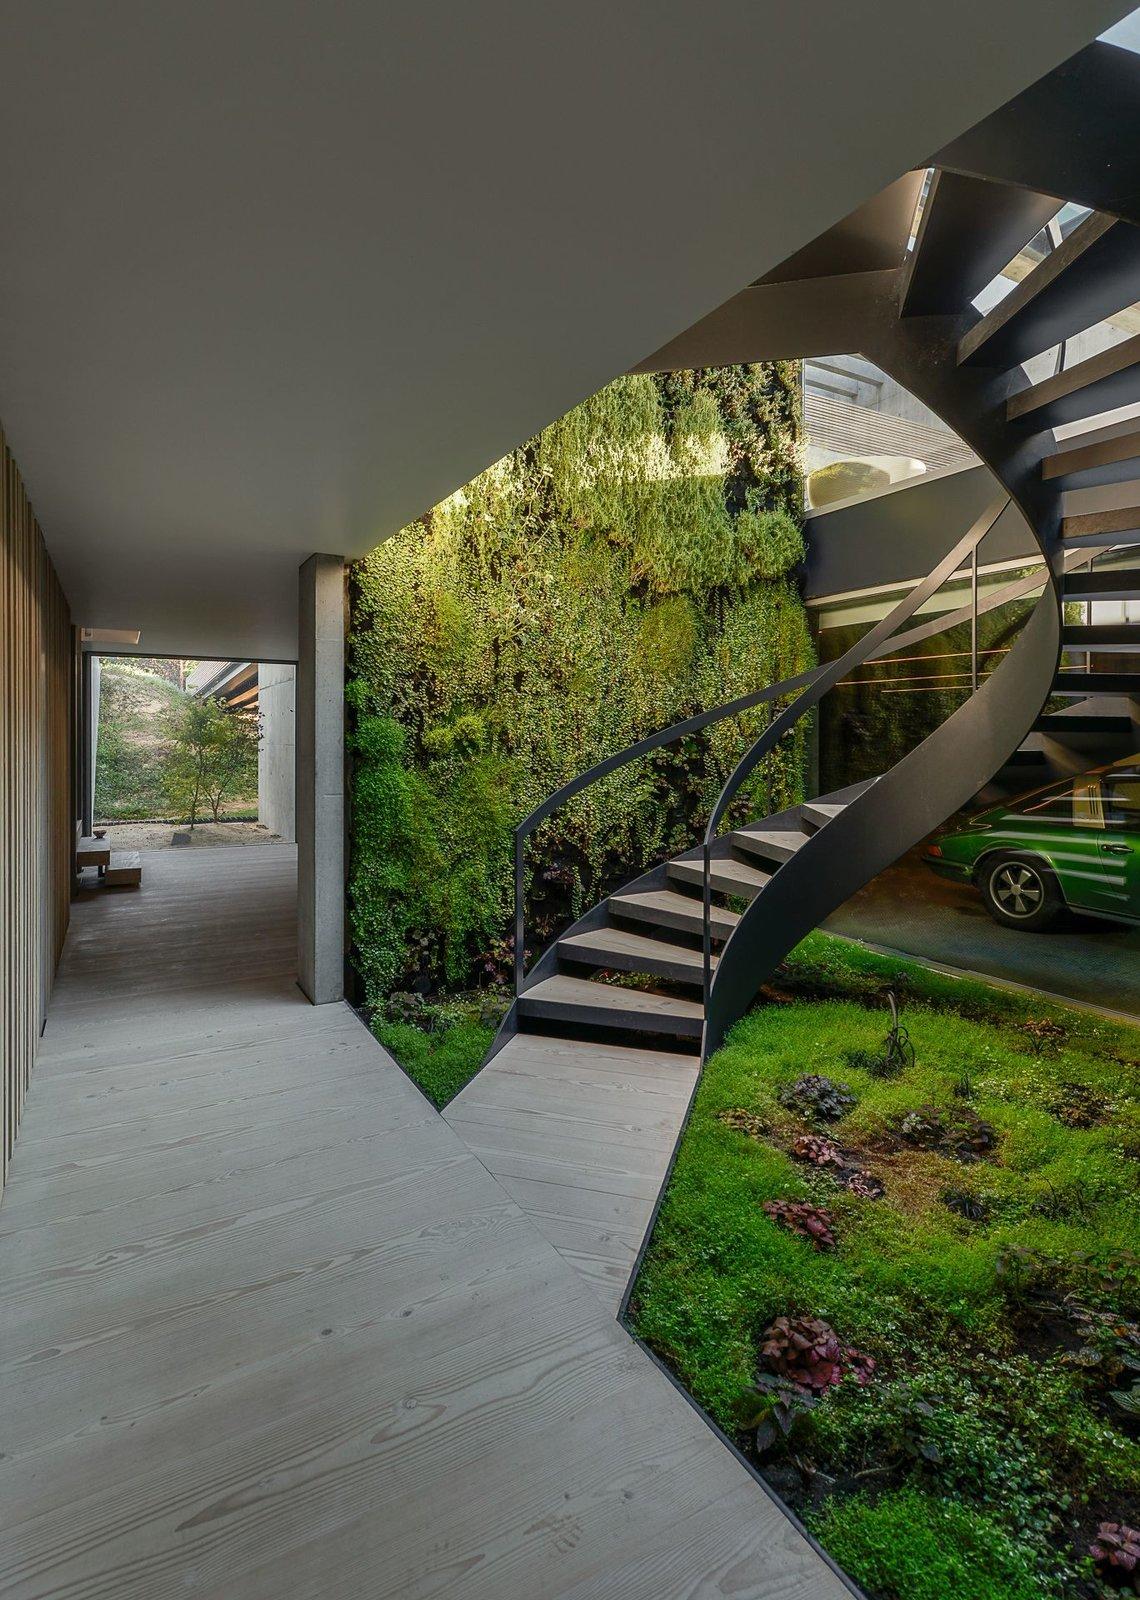 Une piscine avec un fond en verre surplombe l'autre dans une maison de la Riviera portugaise - Photo 11 sur 12 -